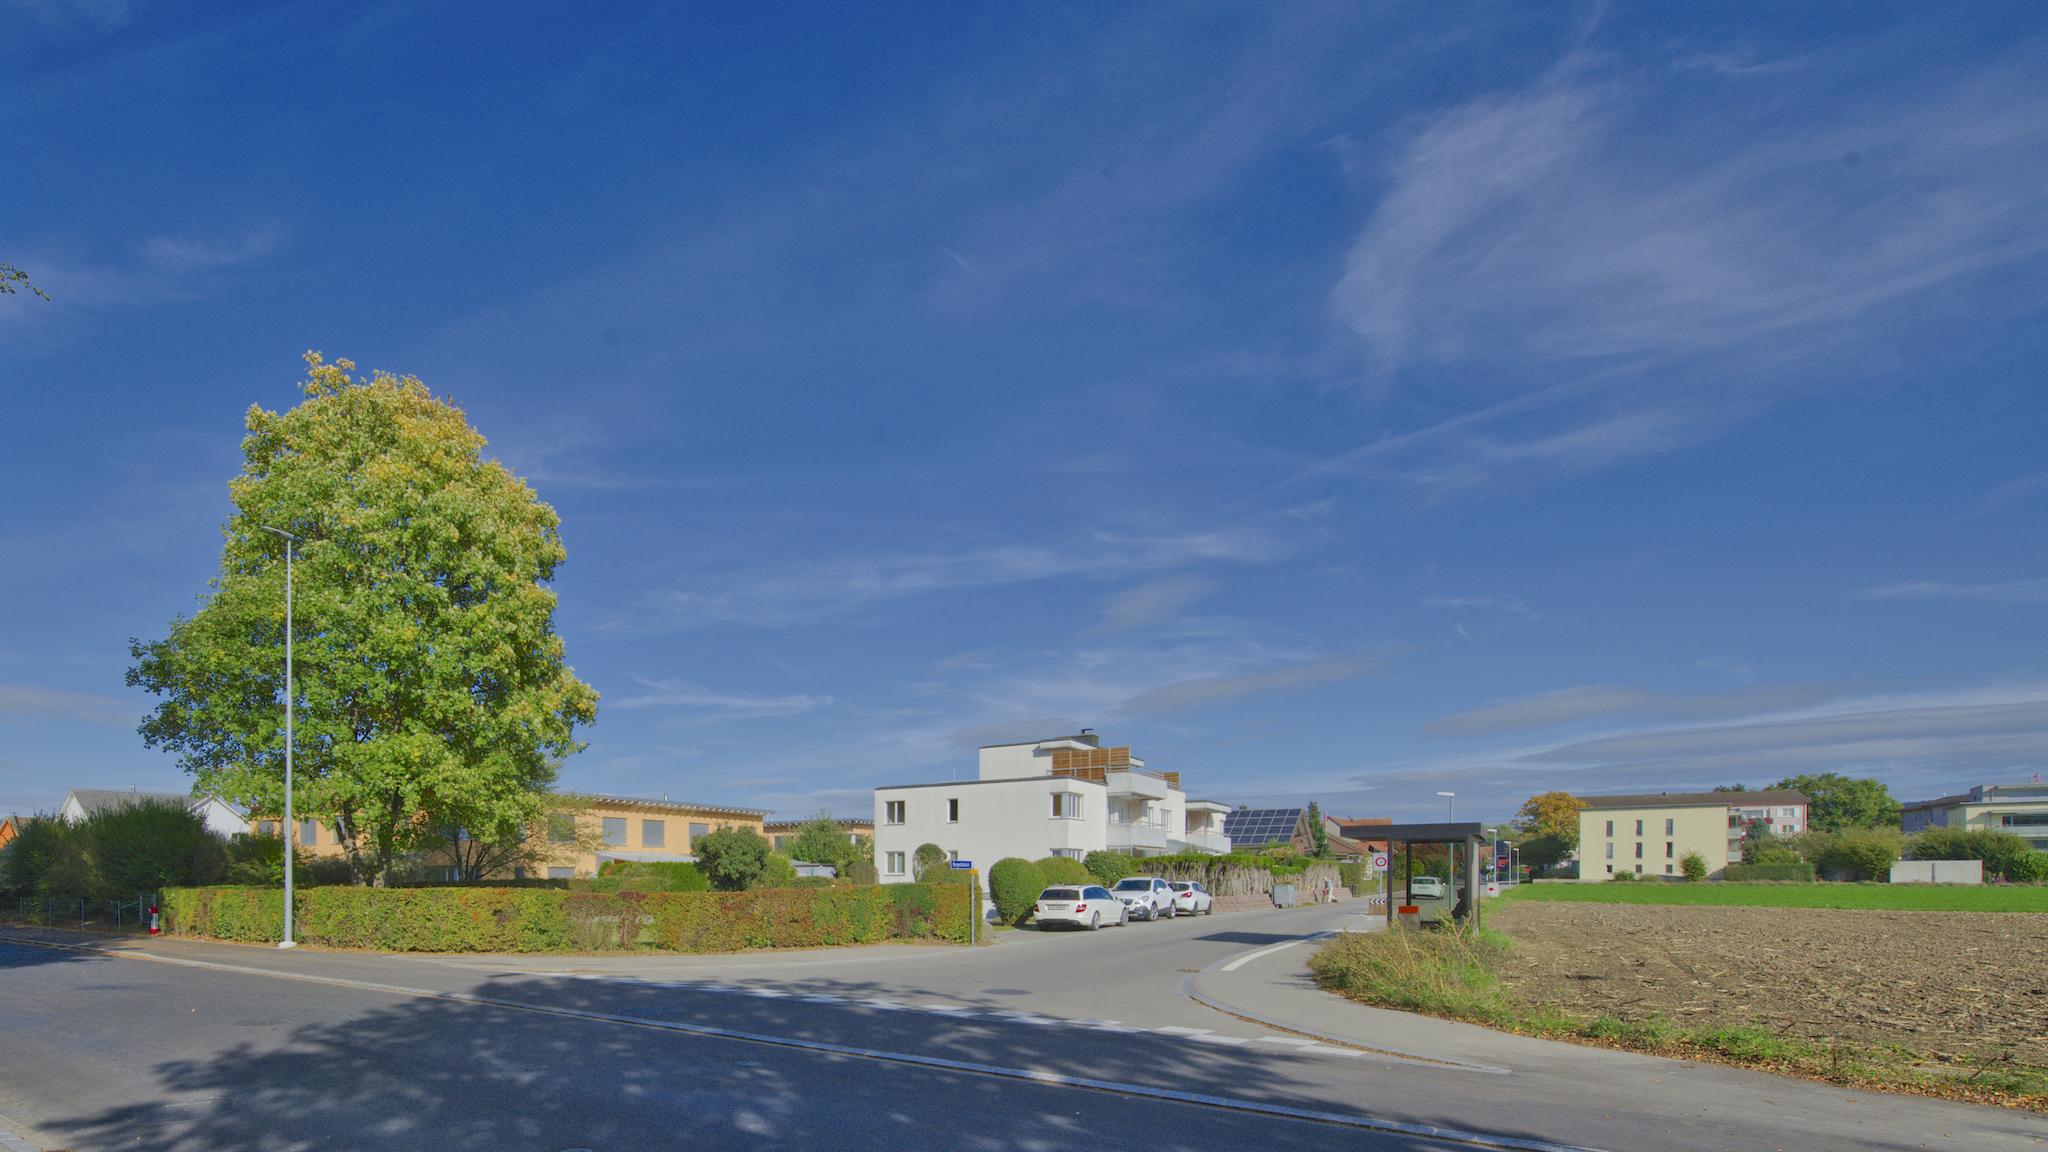 Das Mehrfamilienhaus mit dem freien Land und der Bushaltestelle